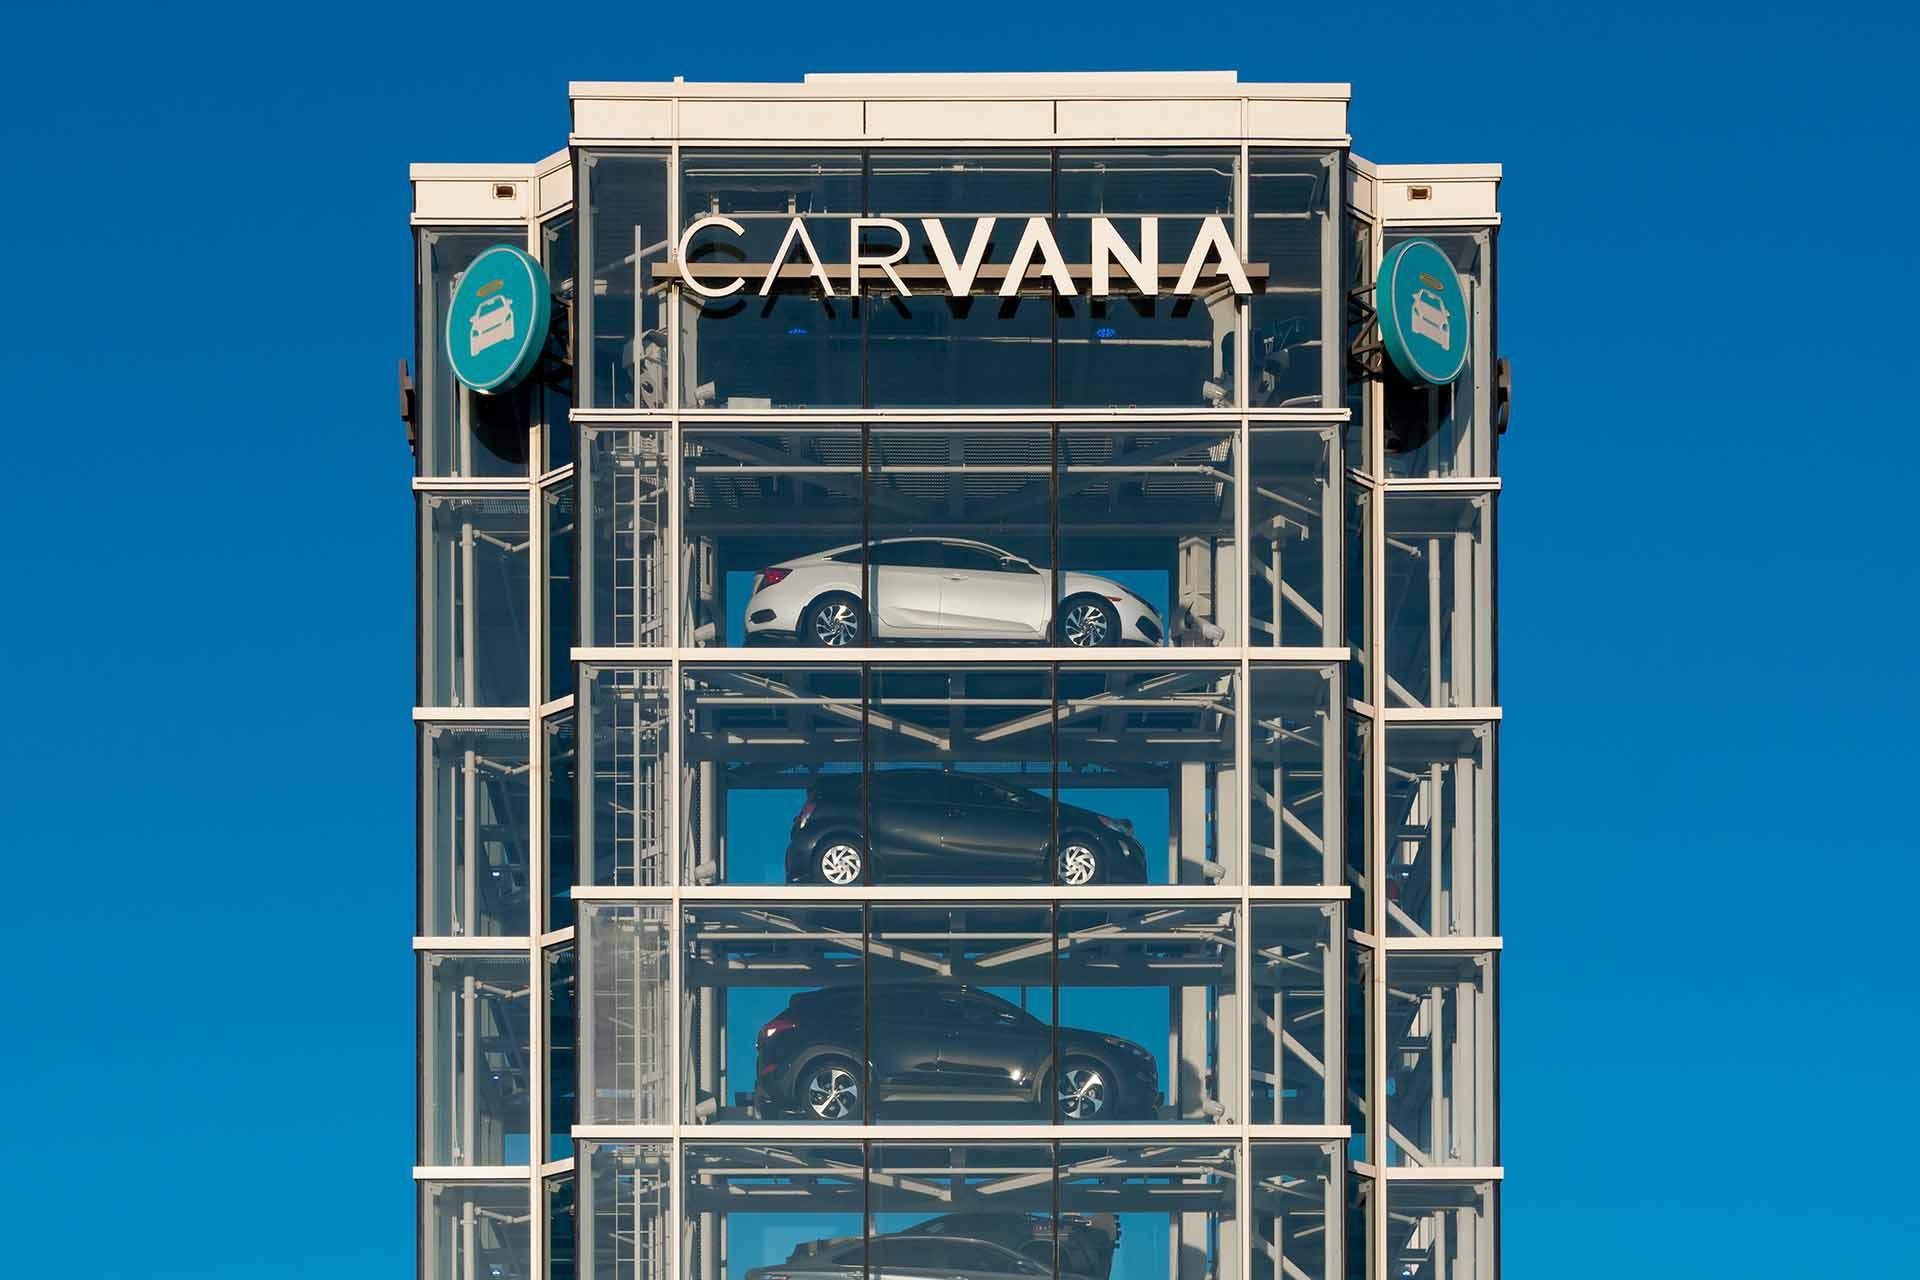 carvana-car-vending-machine tempe AZ location